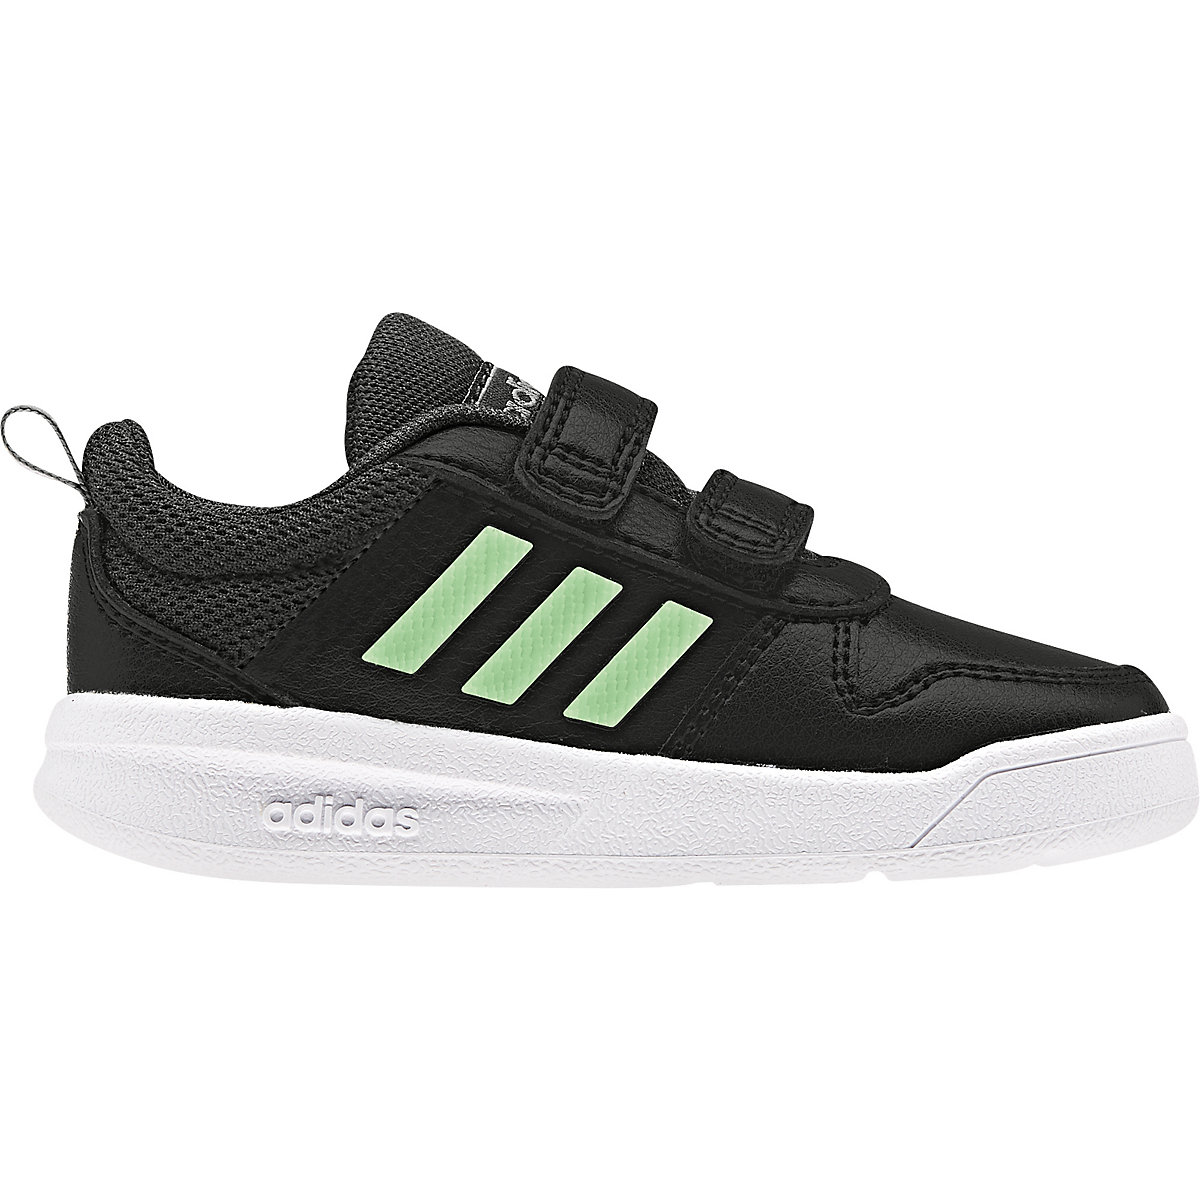 Adidas Performance, Baby Sneakers Low Tensaur Für Jungen, Schwarz/grün